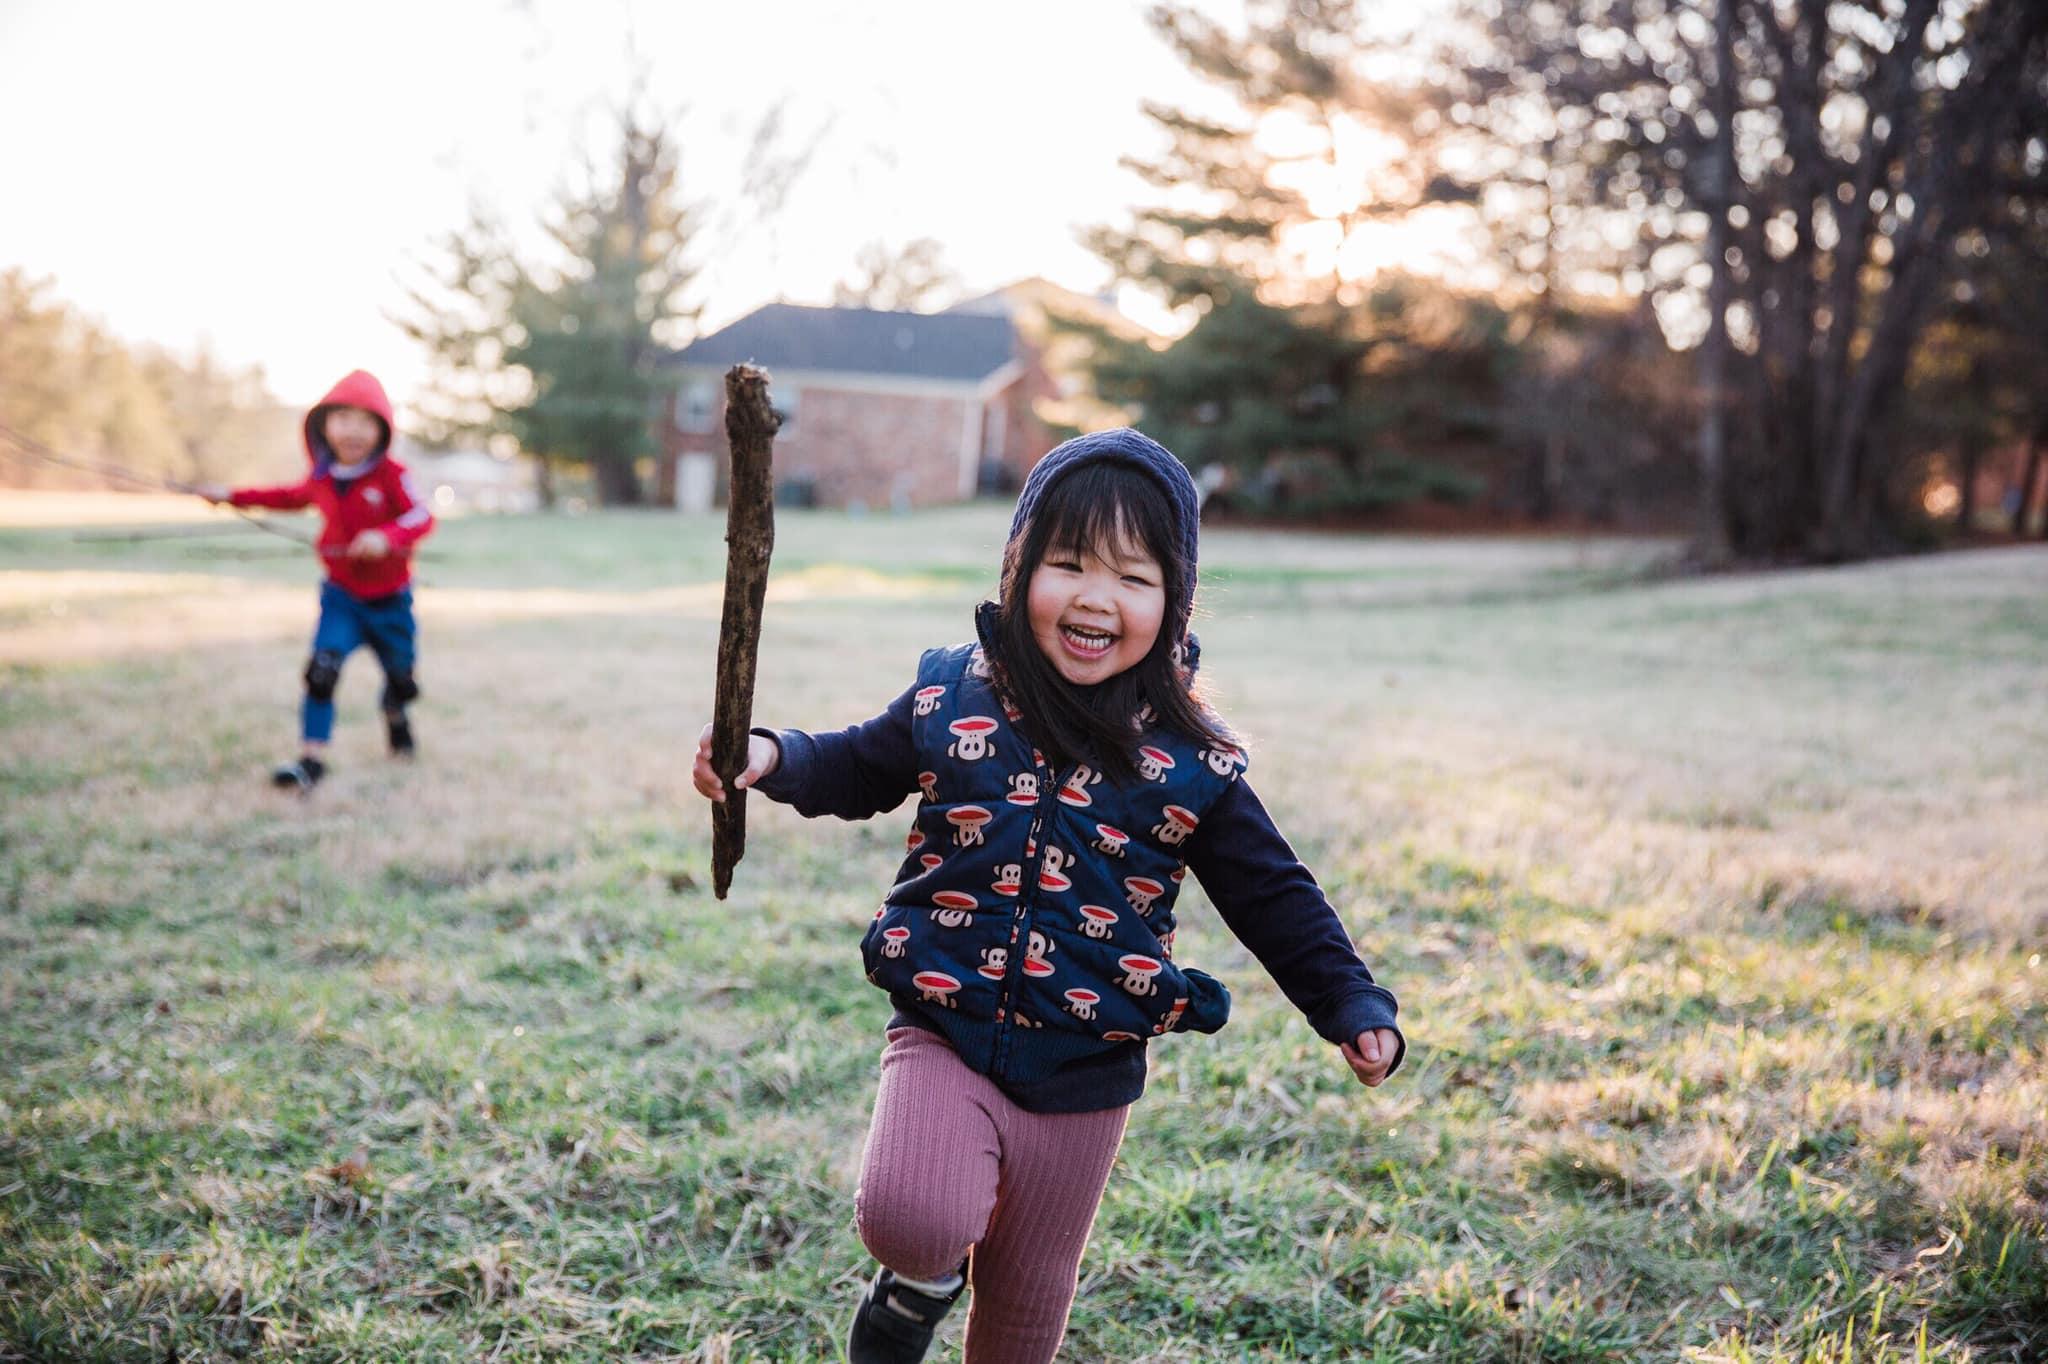 franklin-nashville-family photographer-siblings21.jpg